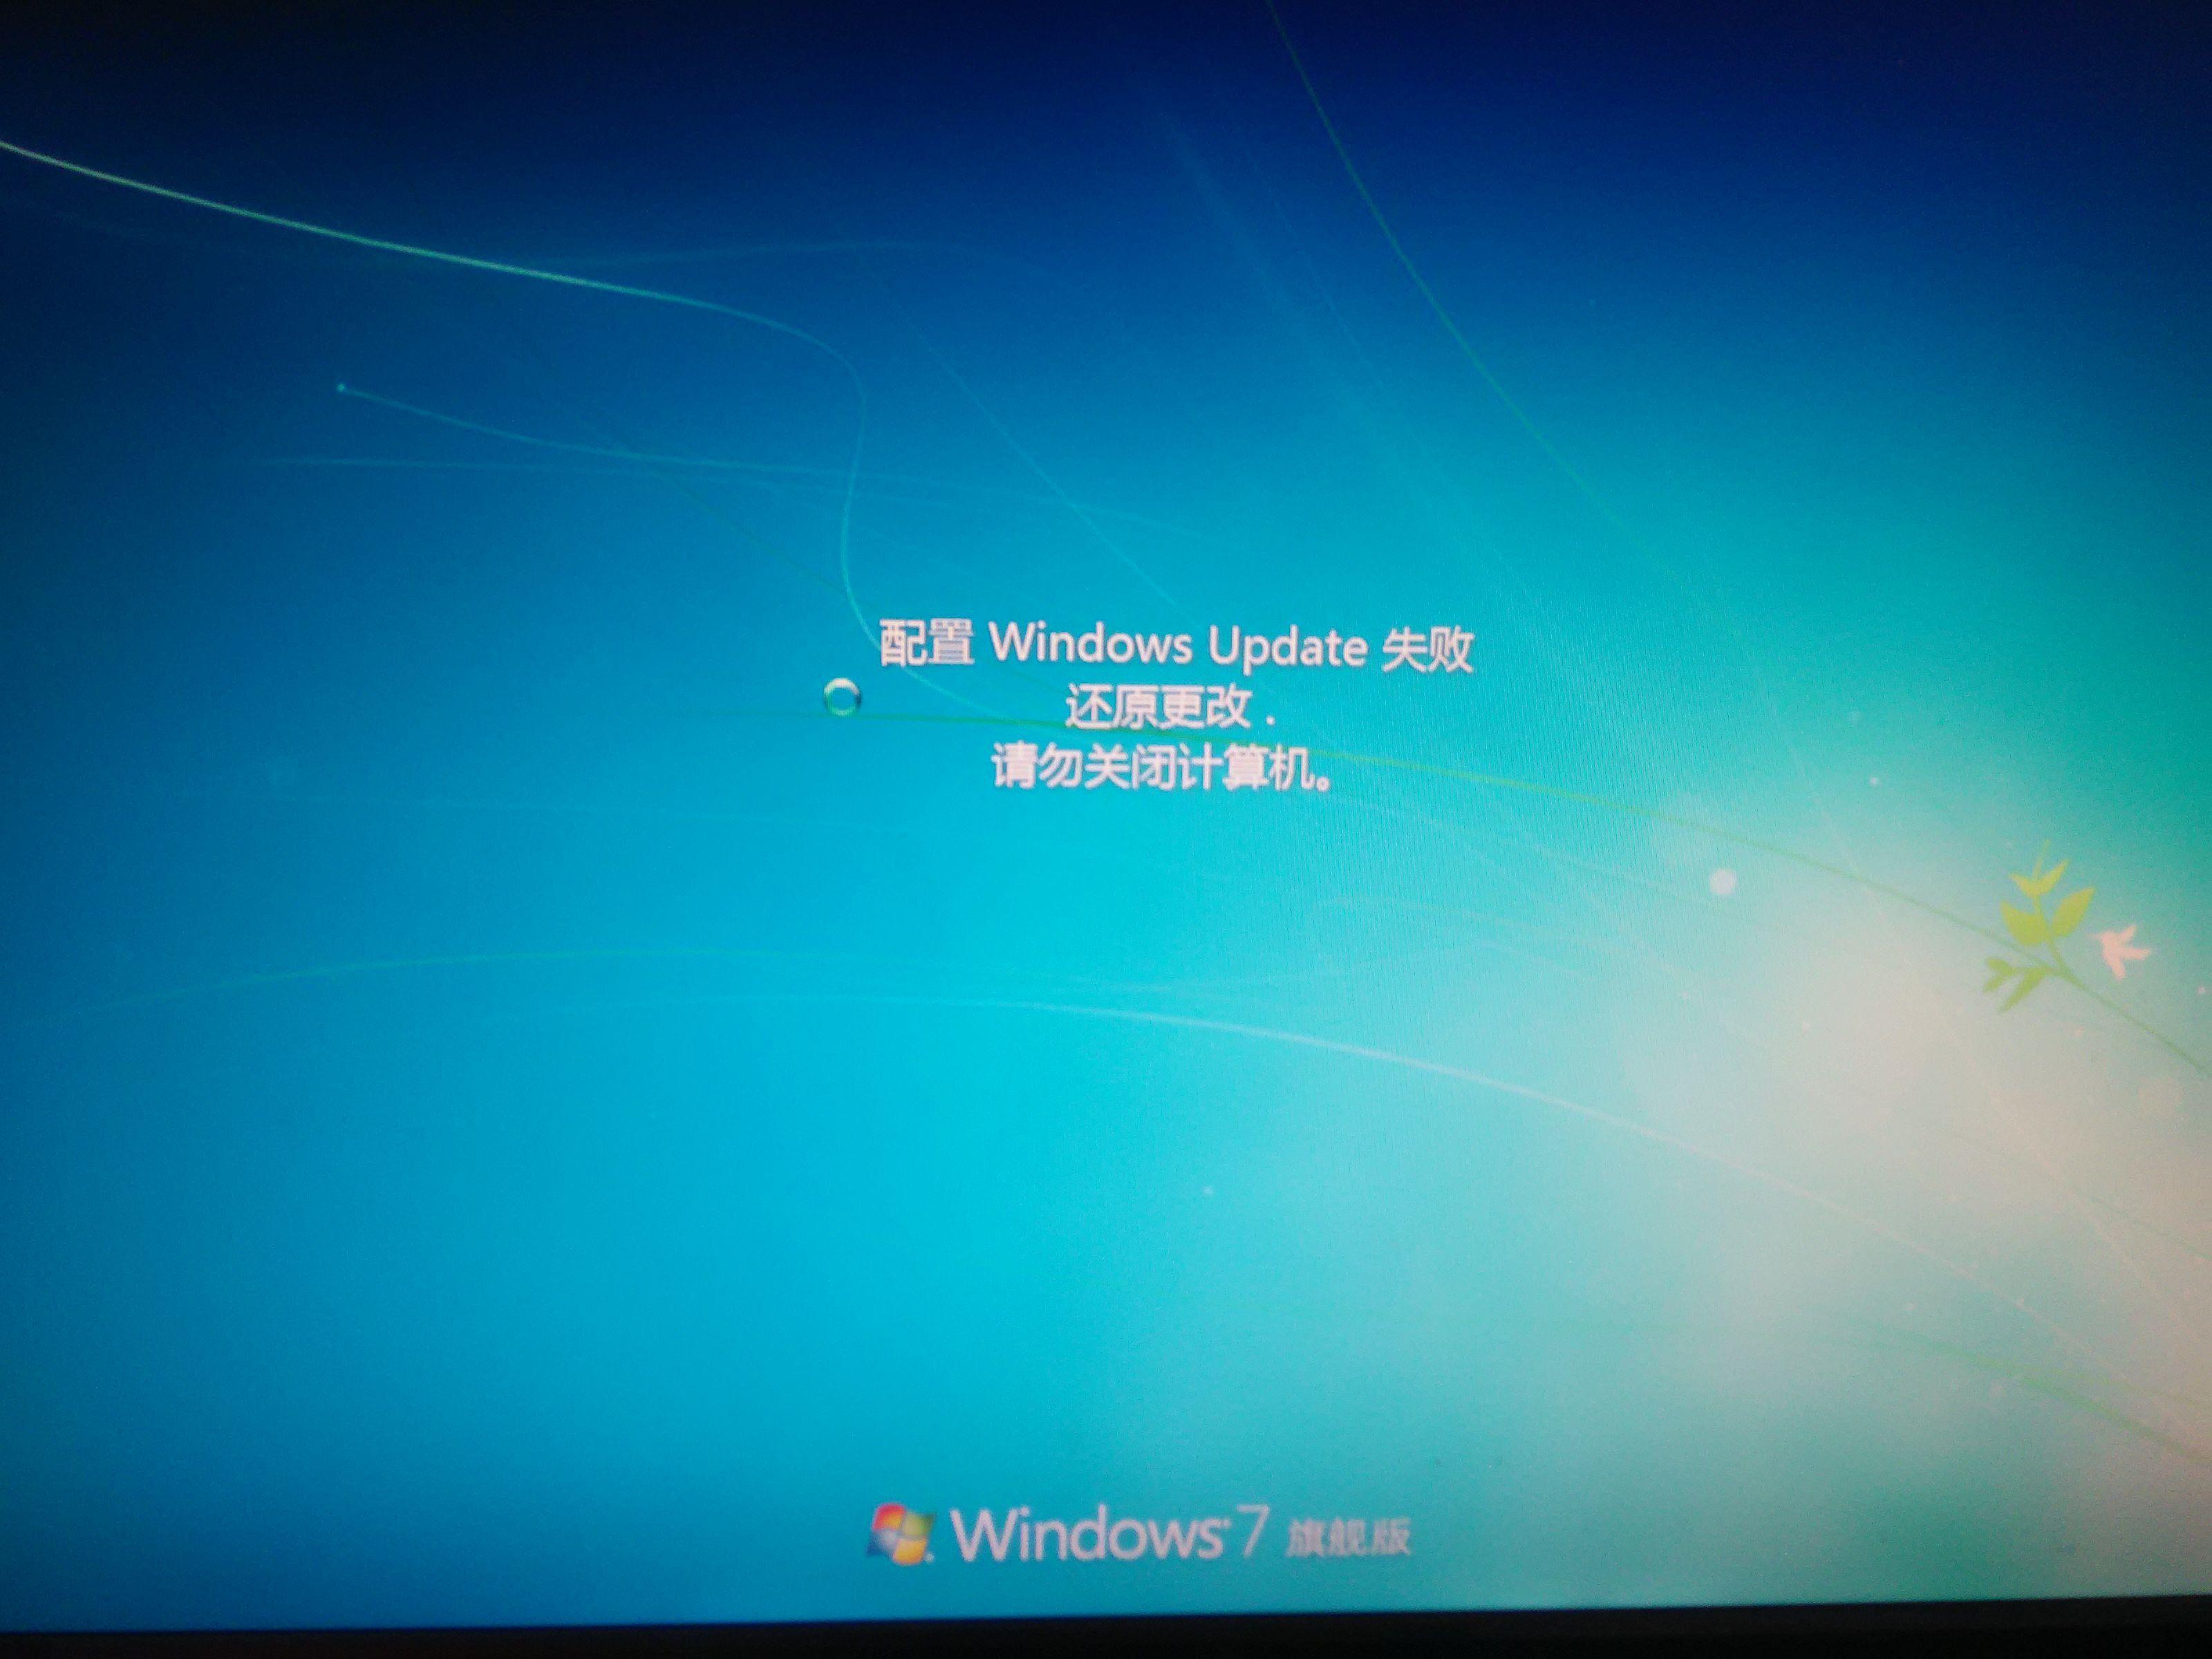 配置windows update失败 还原更改请勿关闭计算机啥意思?